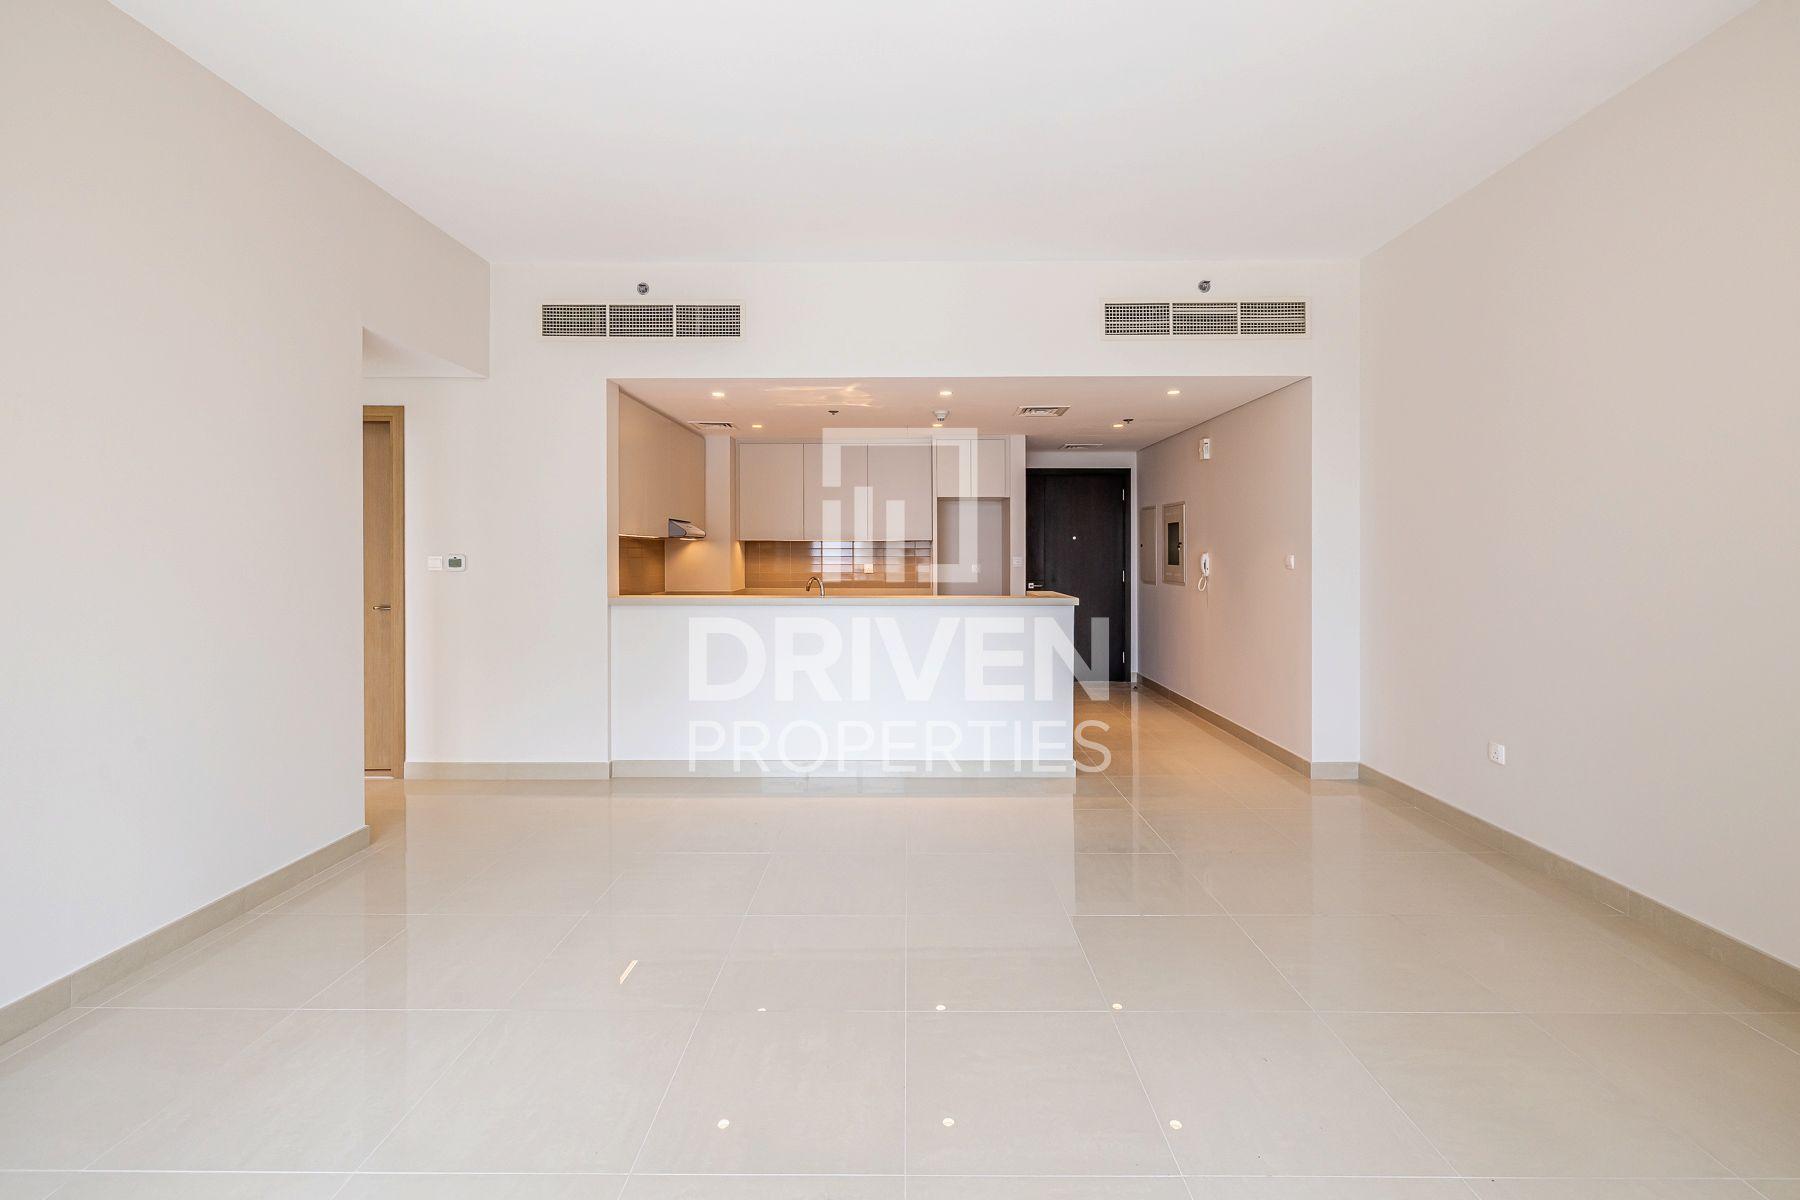 1,213 قدم مربع  شقة - للبيع - ميناء خور دبي